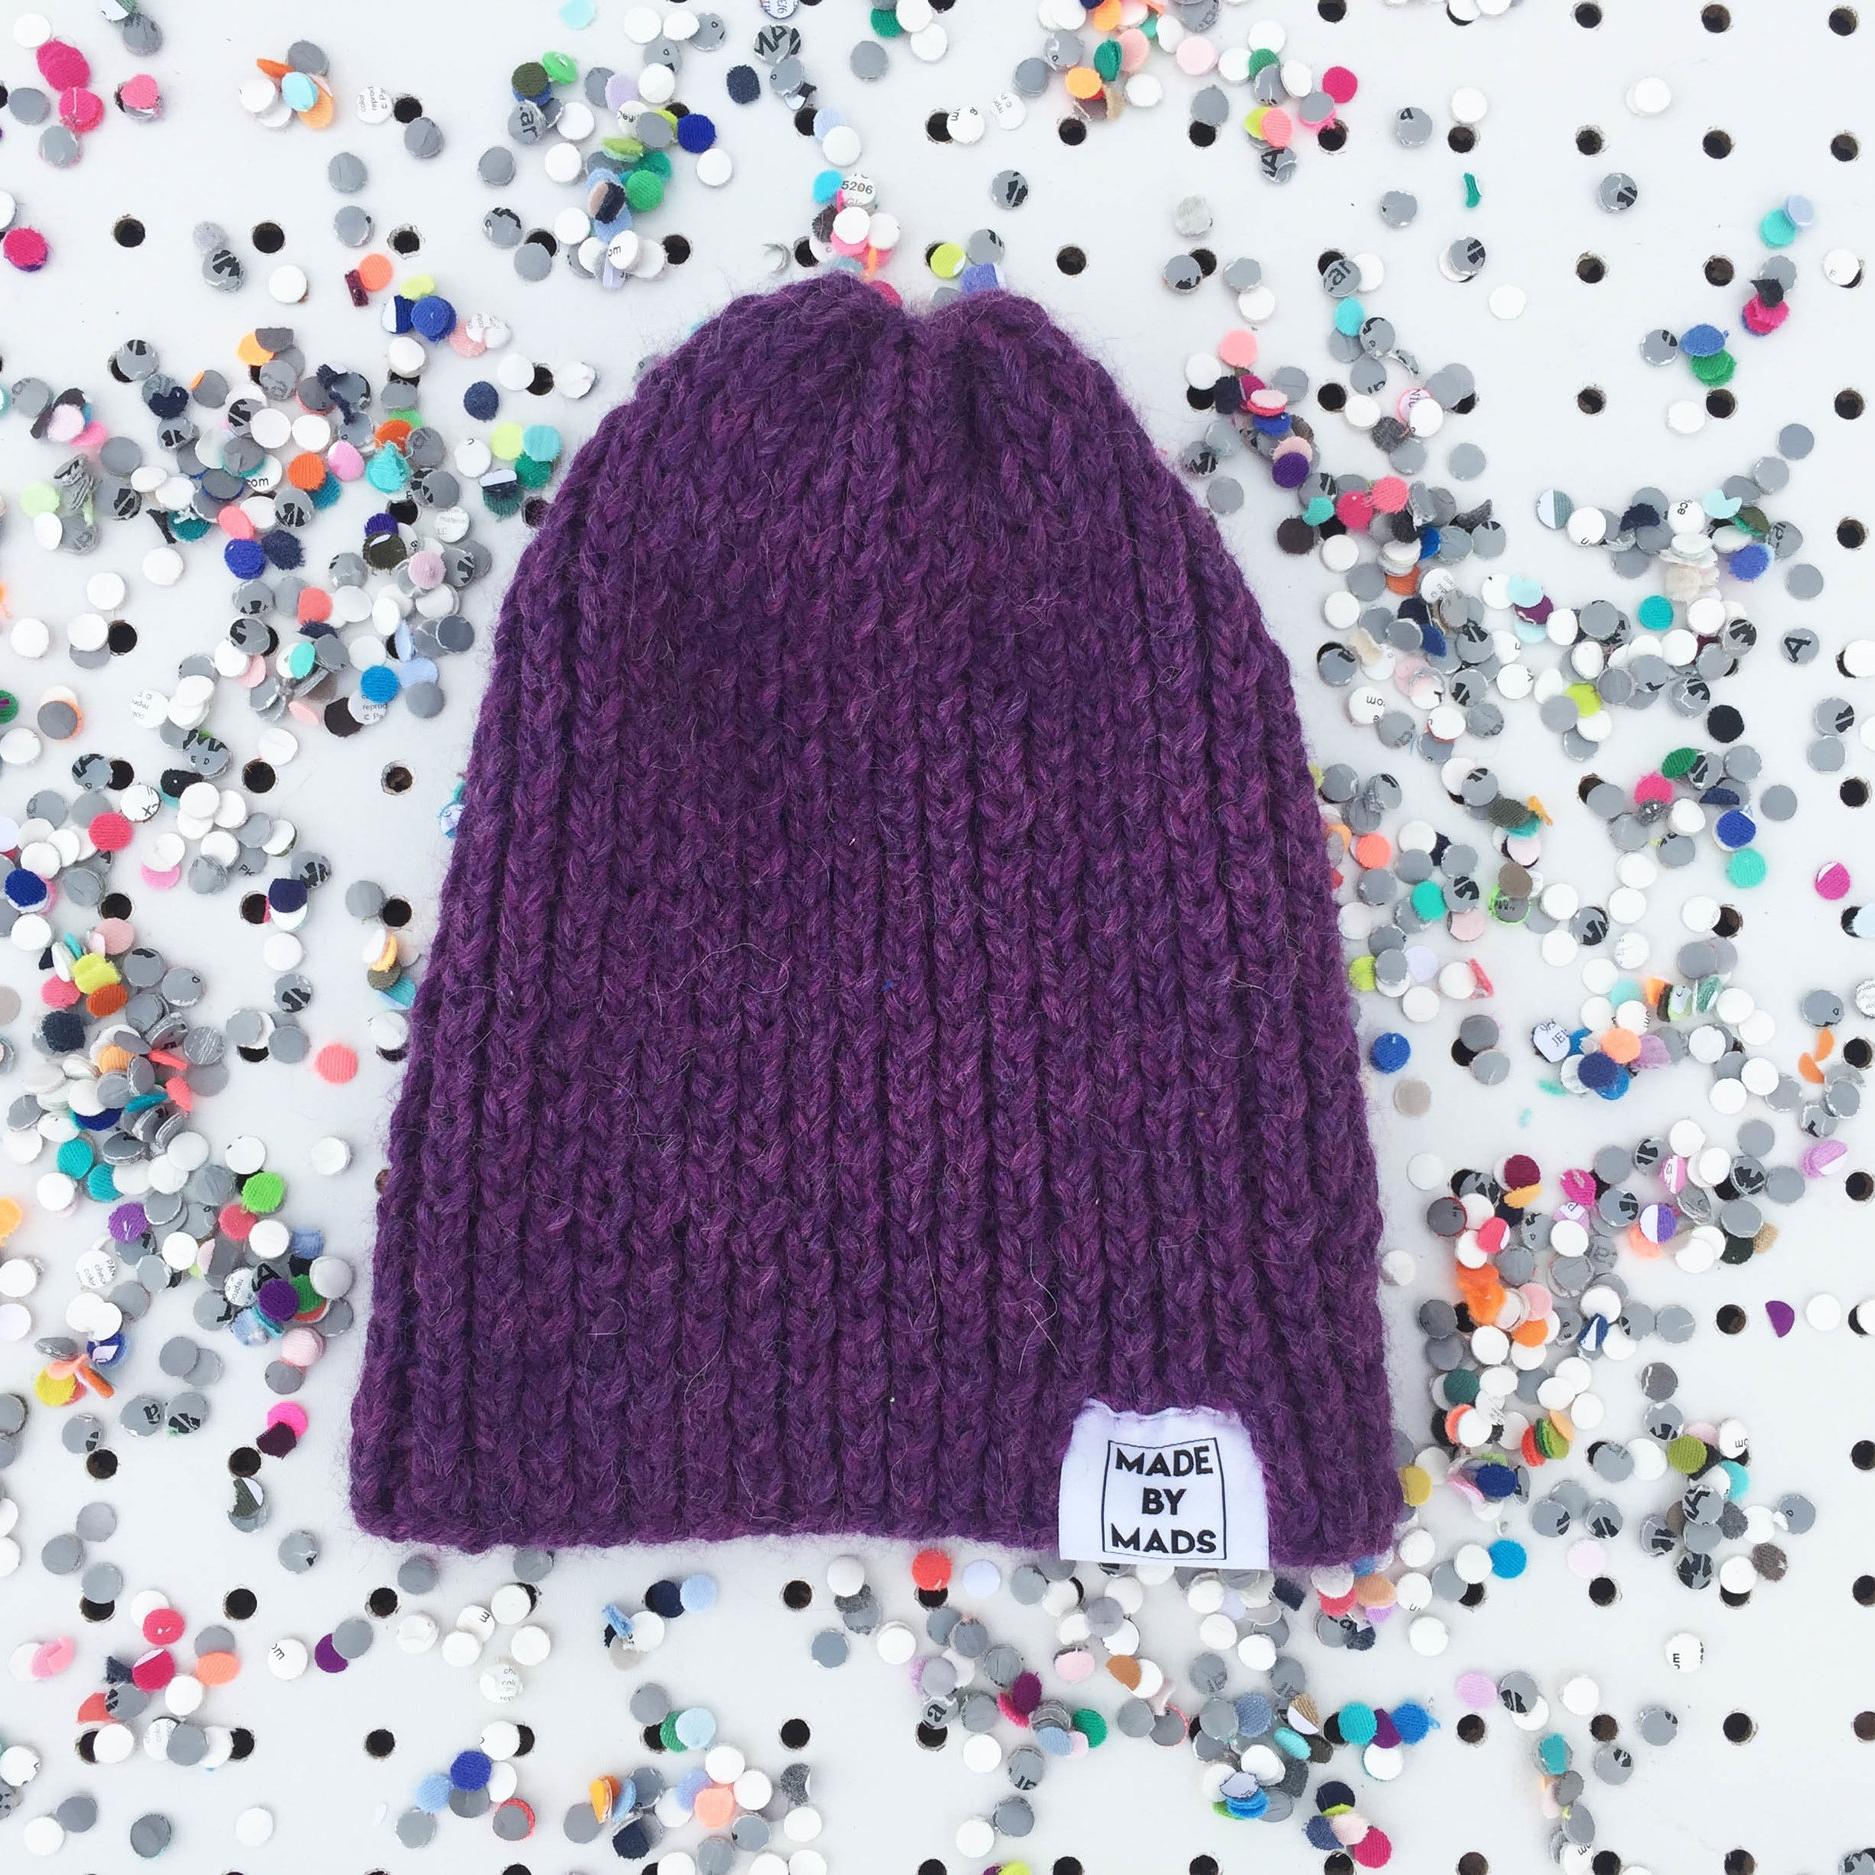 Hat: Plum